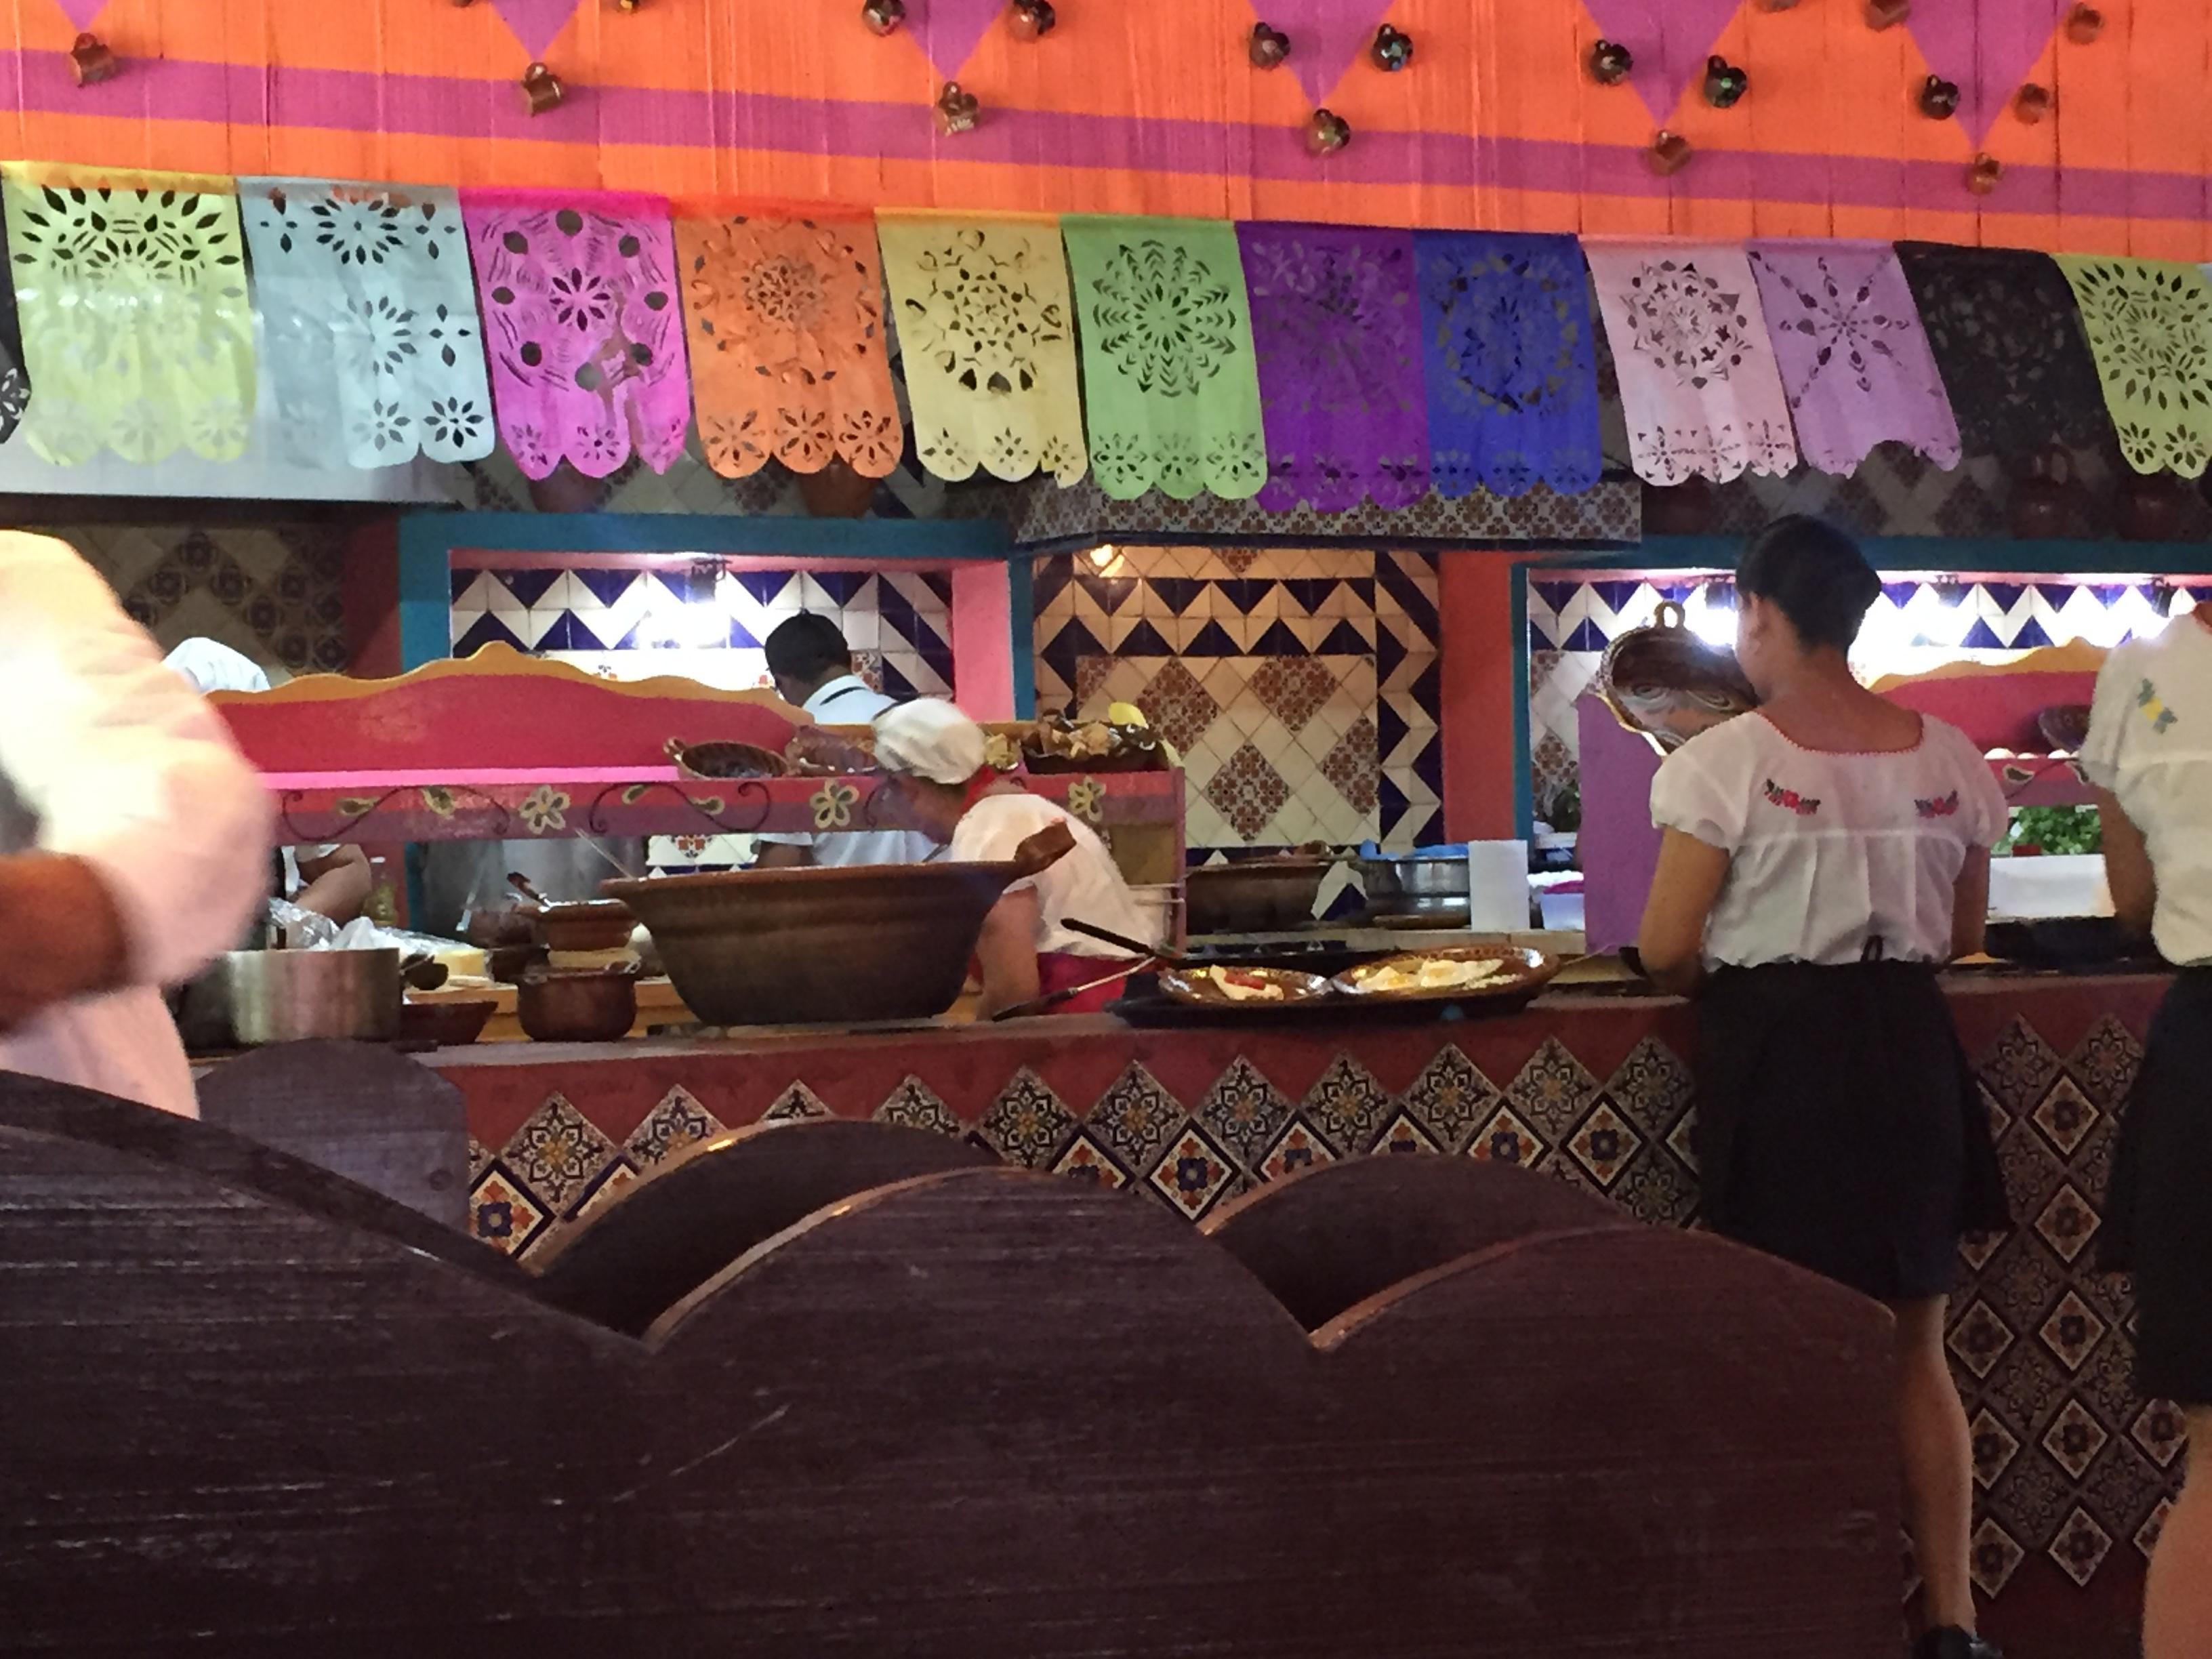 Las Colorines, Cuernavaca, Mexico